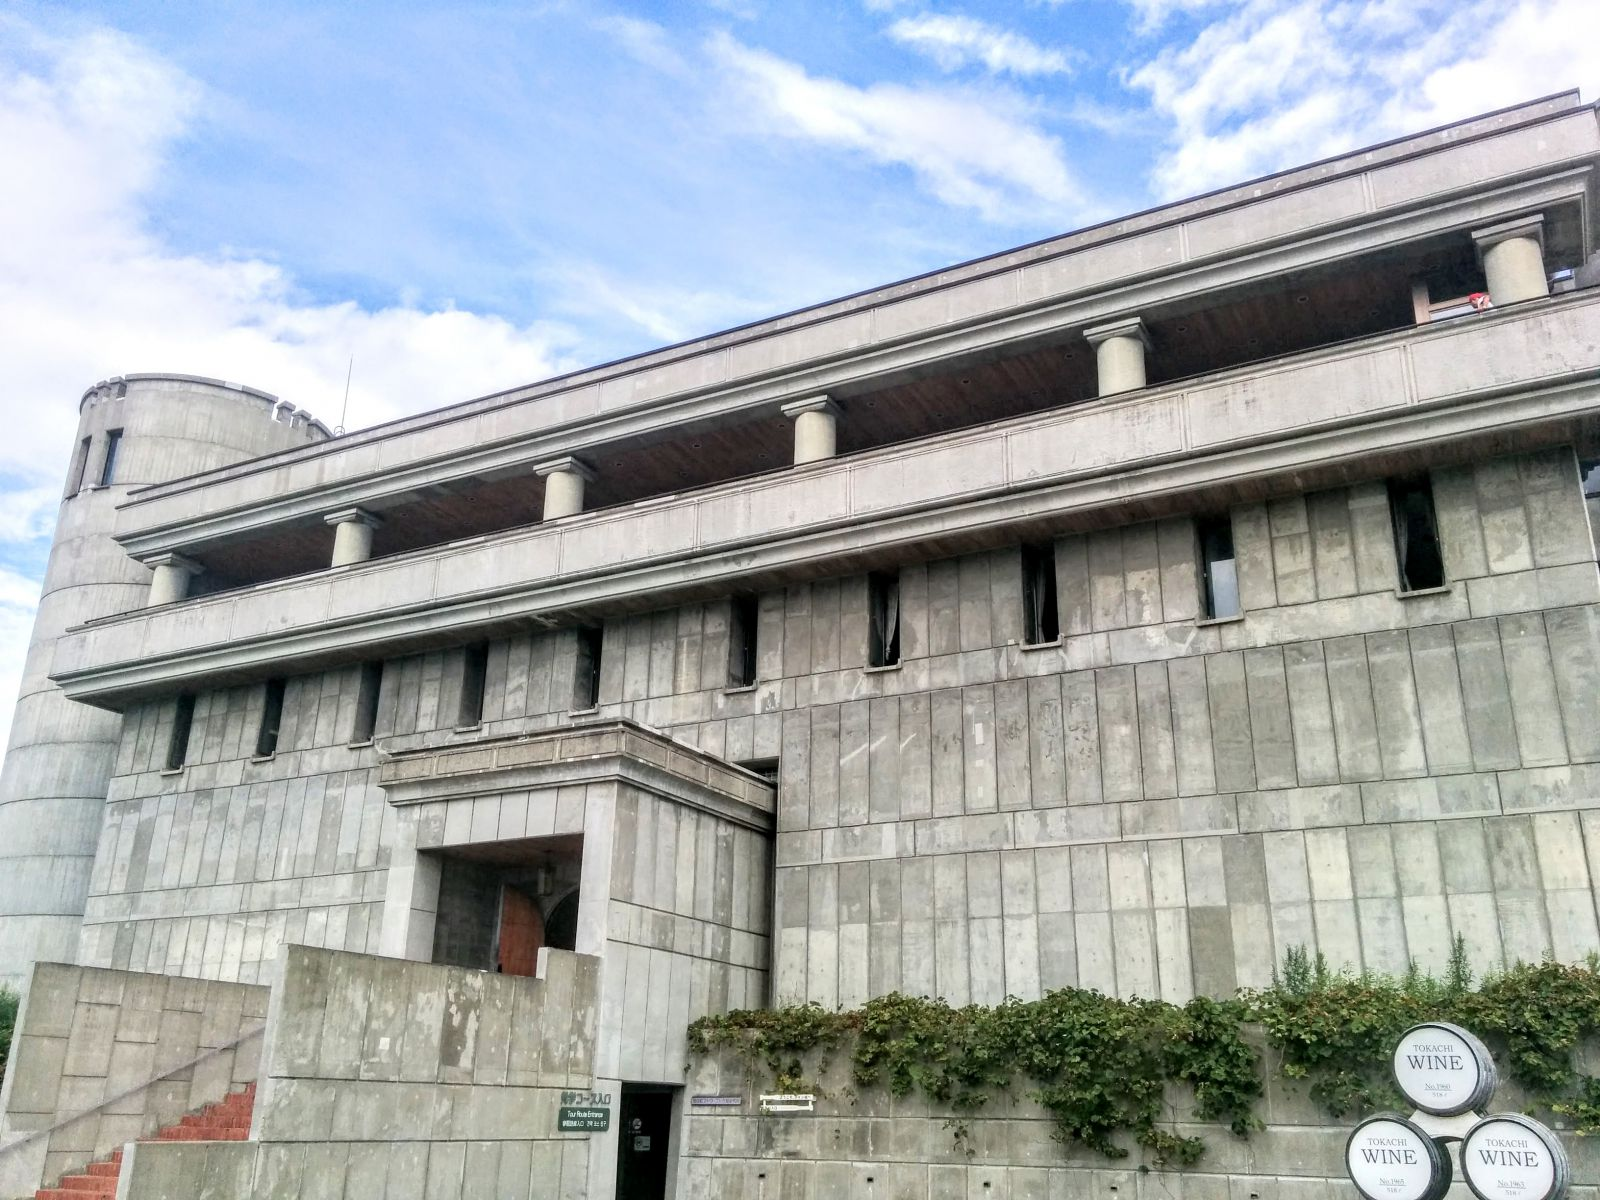 【池田町】池田町営ワイン工場(ワイン城)観光案内です。